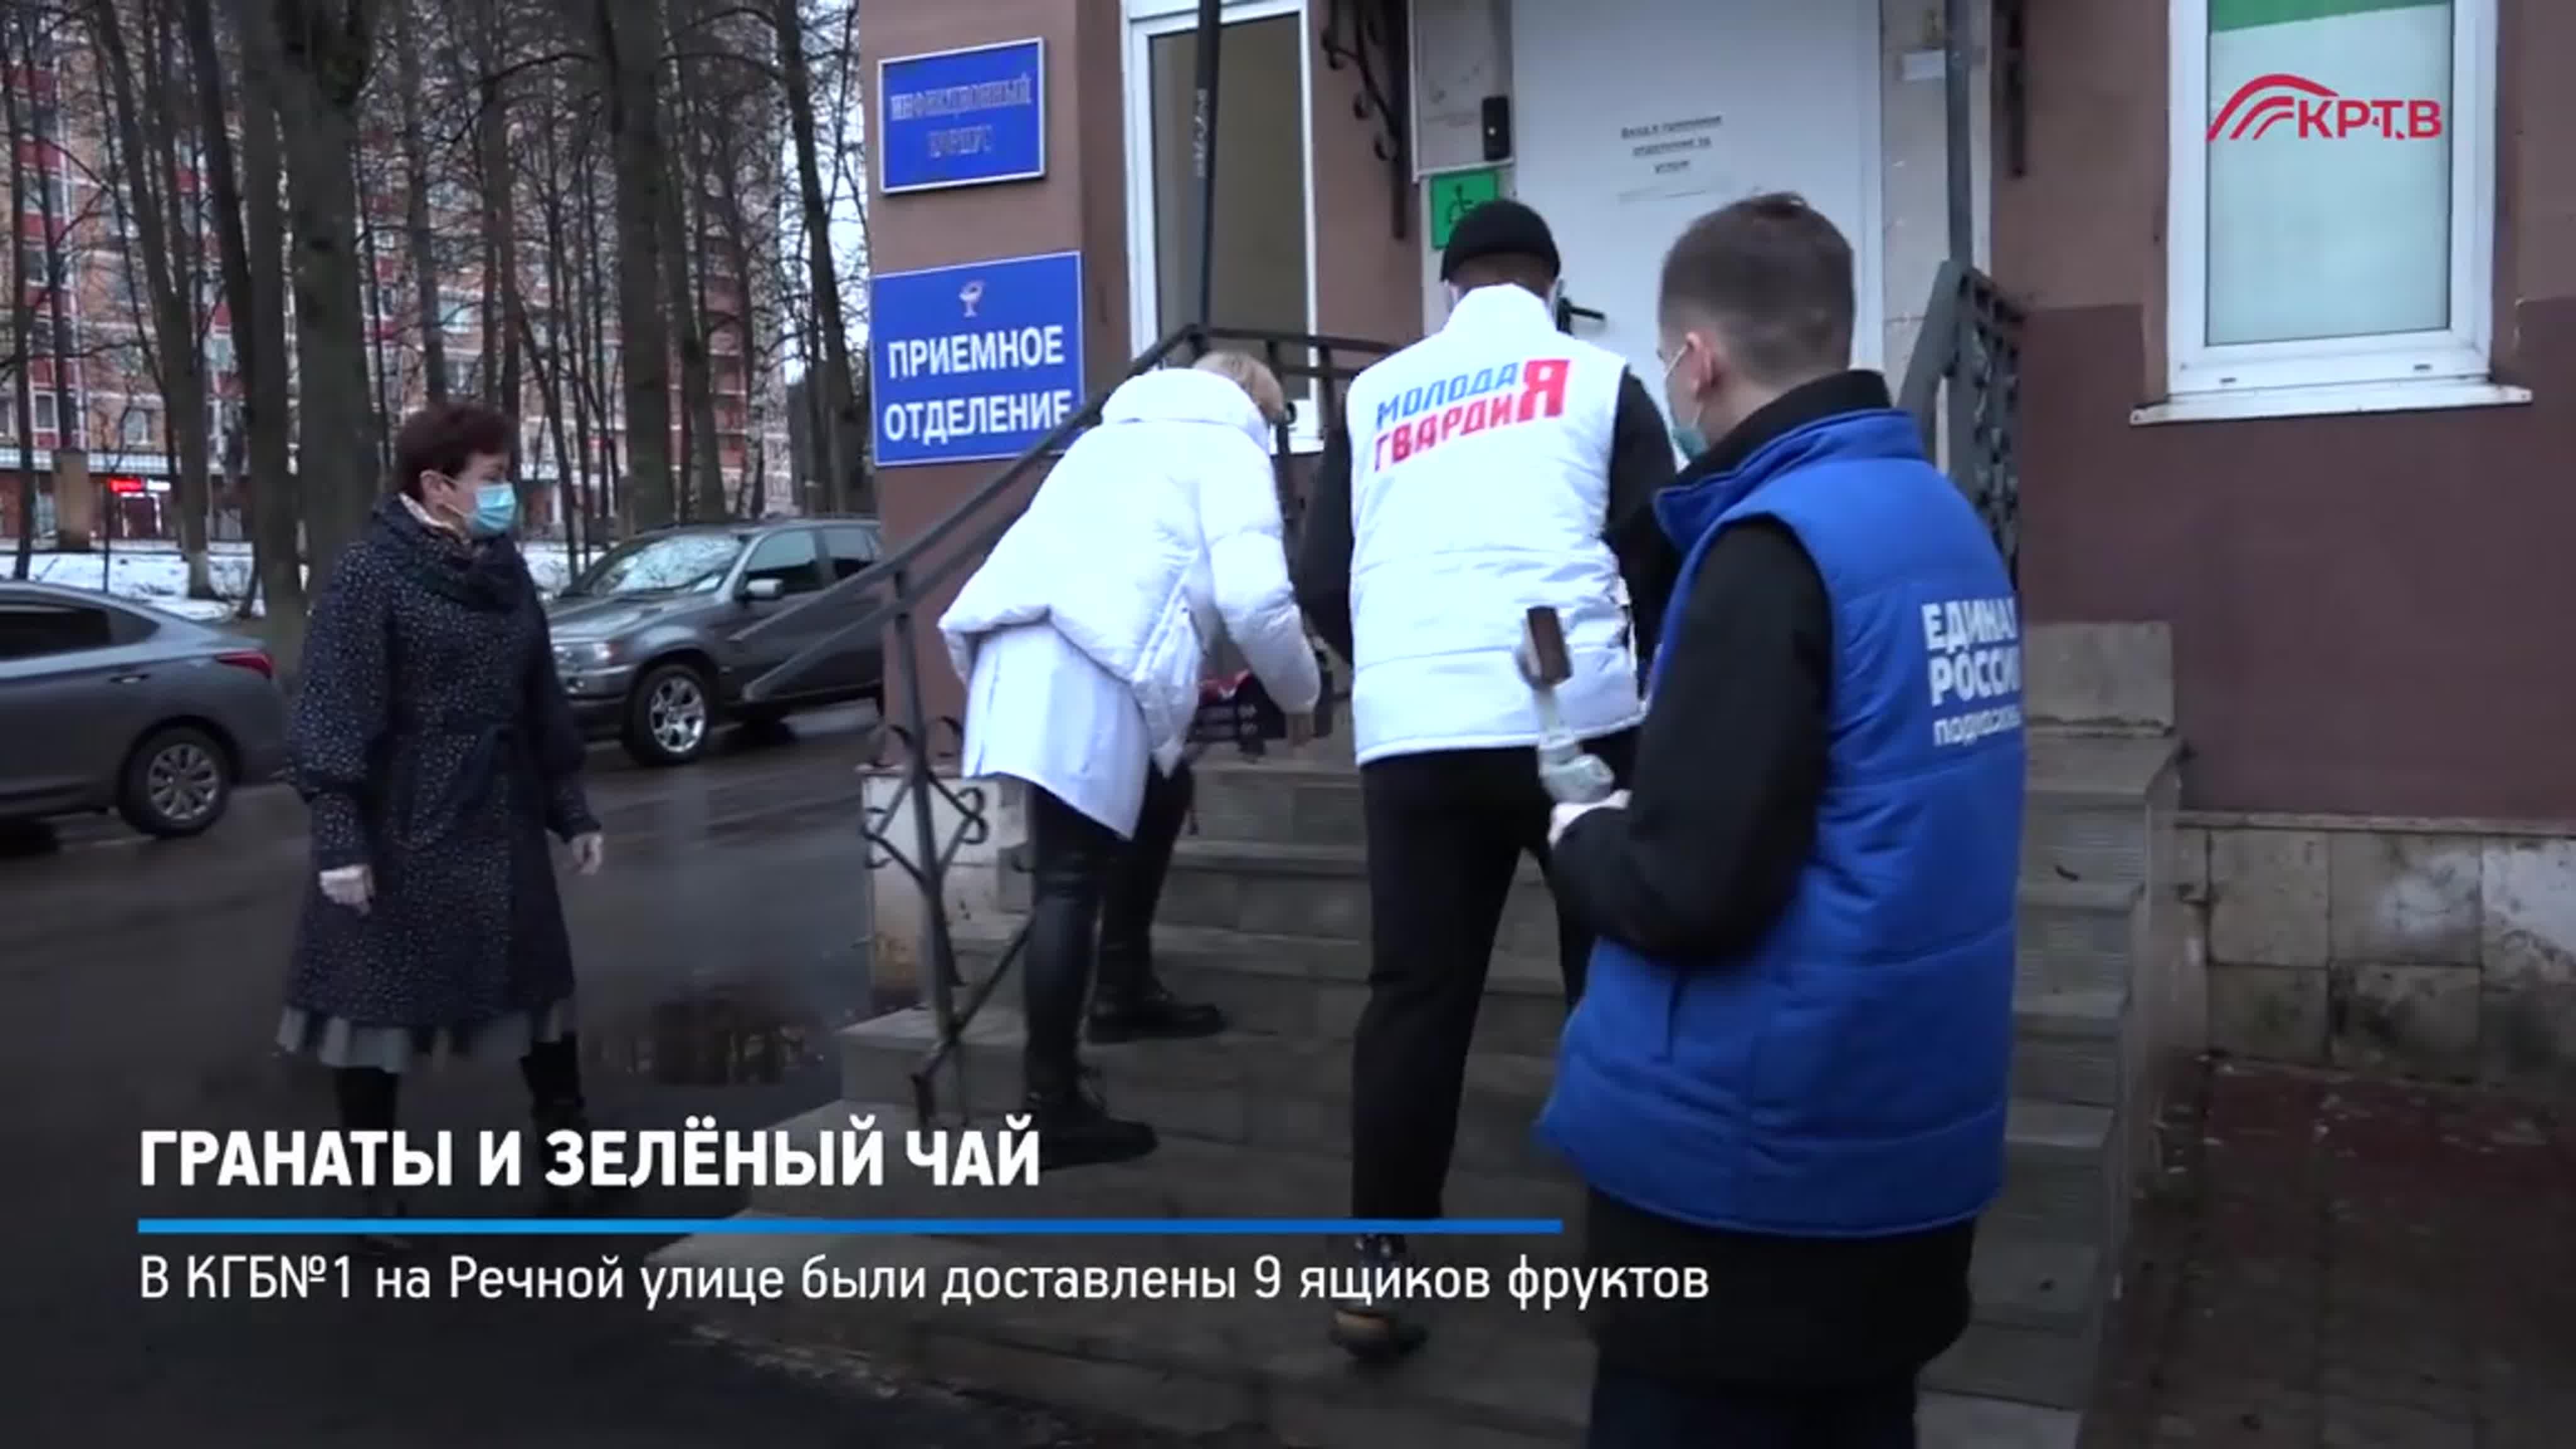 @krtvnovosty Члены партии «Единая Россия» подарили медикам инфекционных отделений полезные подарки